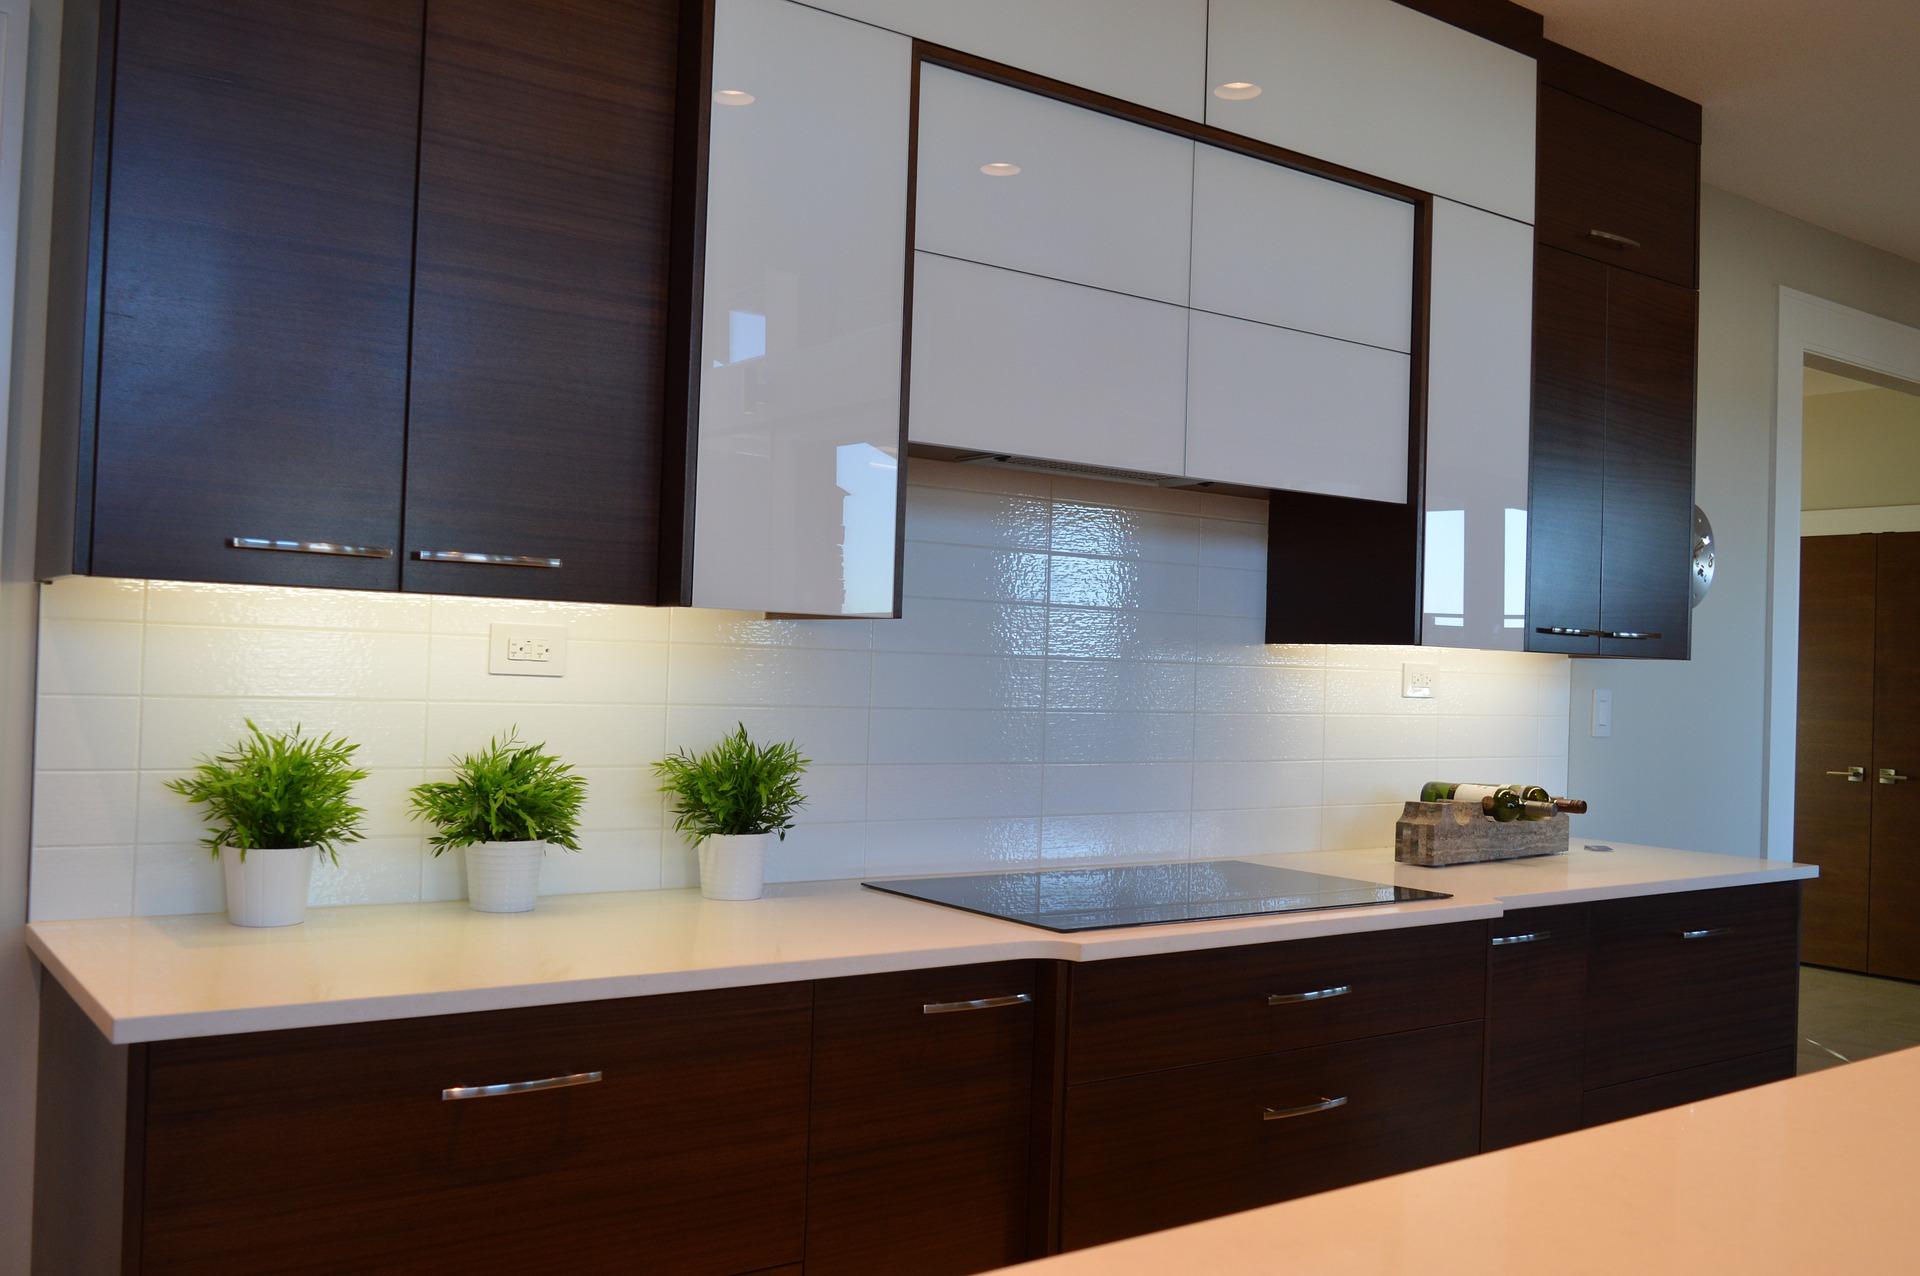 carrelage mural de cuisine comment faire le bon choix. Black Bedroom Furniture Sets. Home Design Ideas